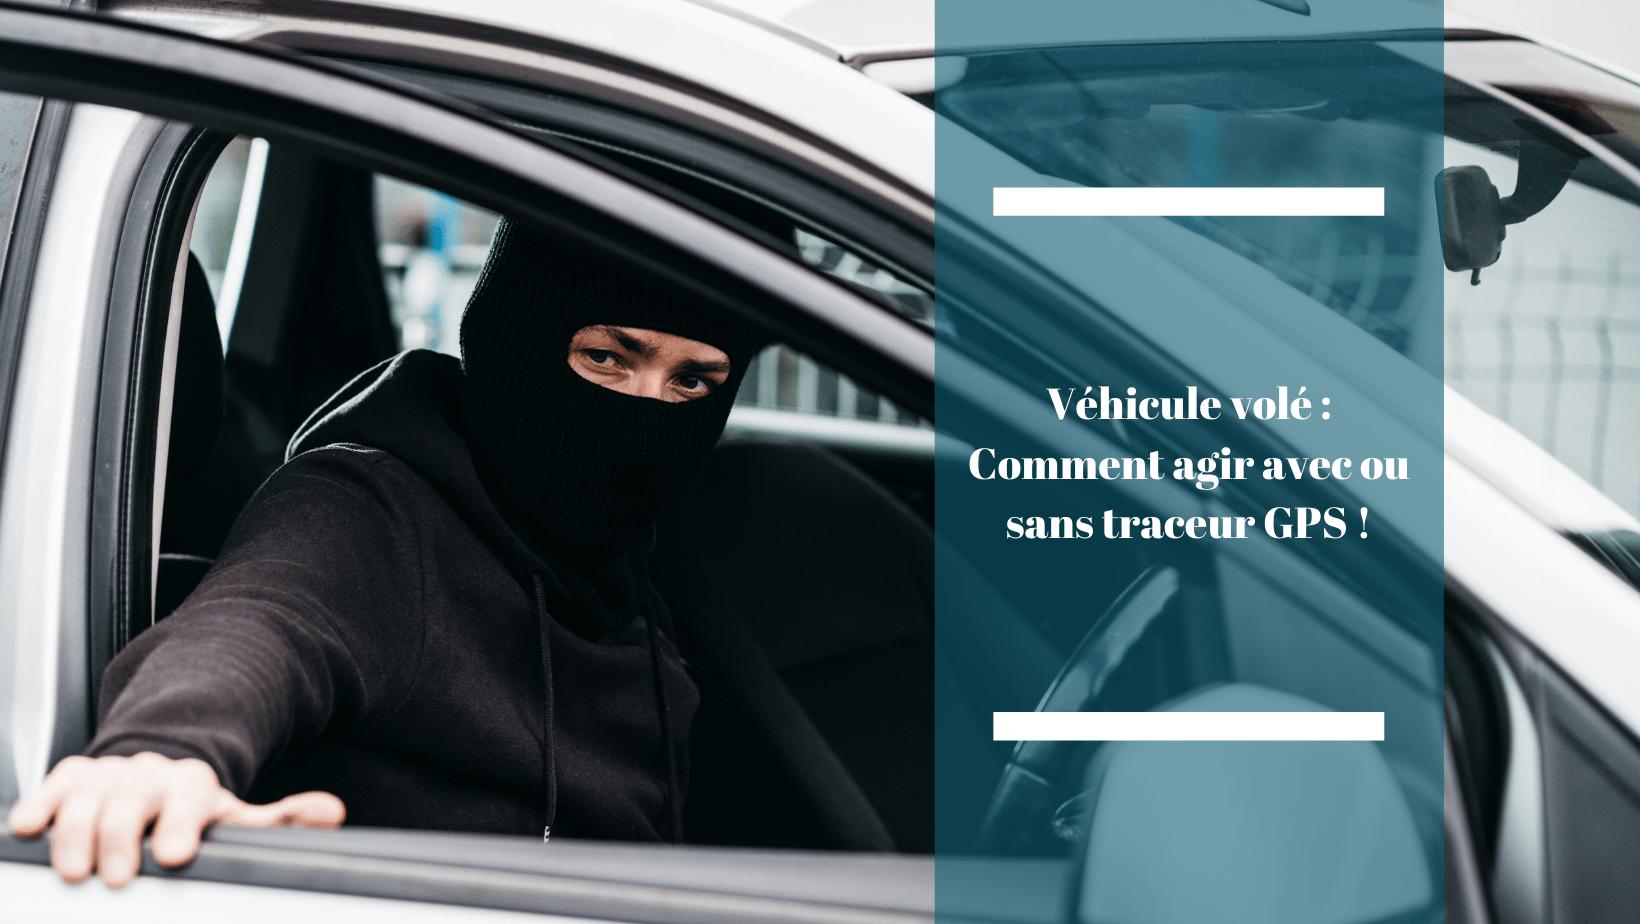 Top 5 des voitures les plus volées en France en 2020